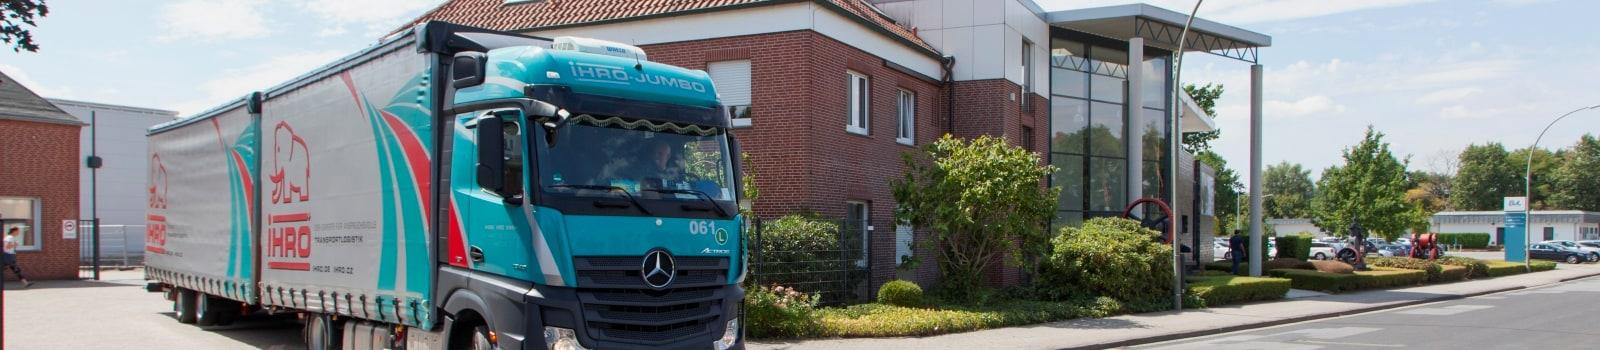 Abfahrt eines mit einer Reinigungsanlage beladenen LKWs vom BvL-Firmengelände in Emsbüren